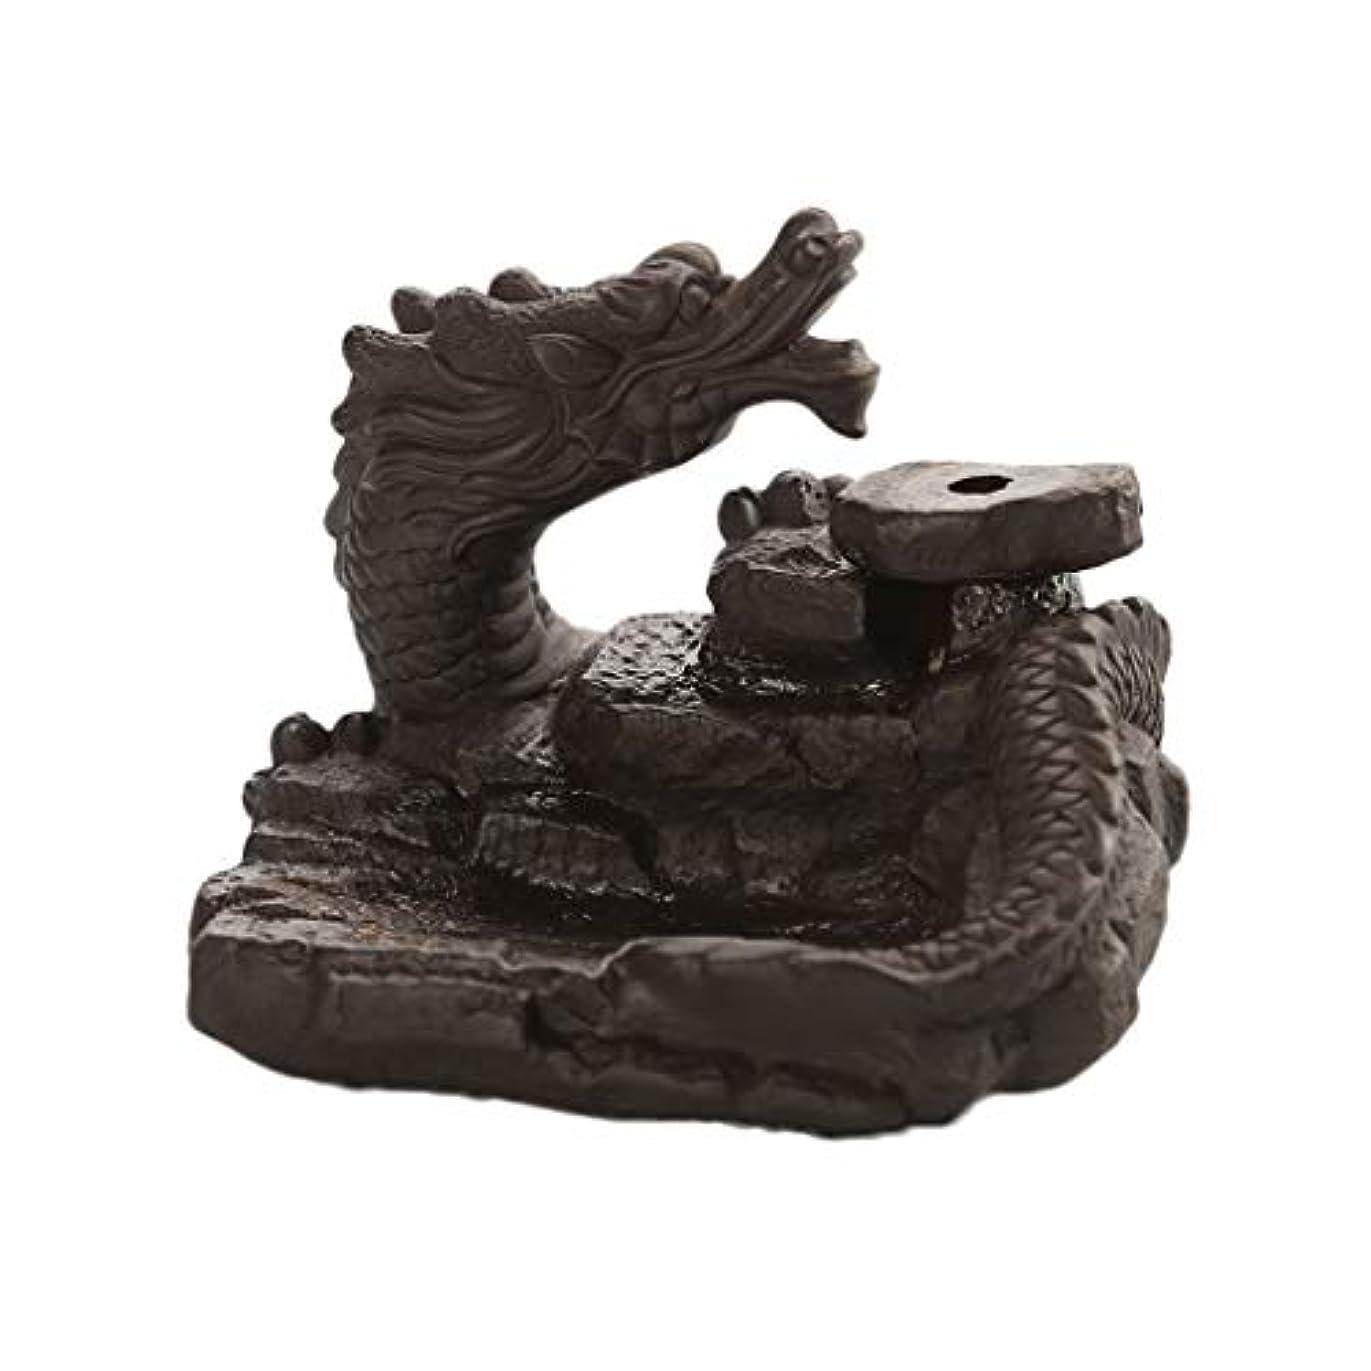 起きて過ち症候群家の装飾ドラゴン逆流還流香バーナーセラミックスティックホルダーコーンセンサー茶室飾り香炉 (Color : Black, サイズ : 3.46*3.14*2.36 inches)